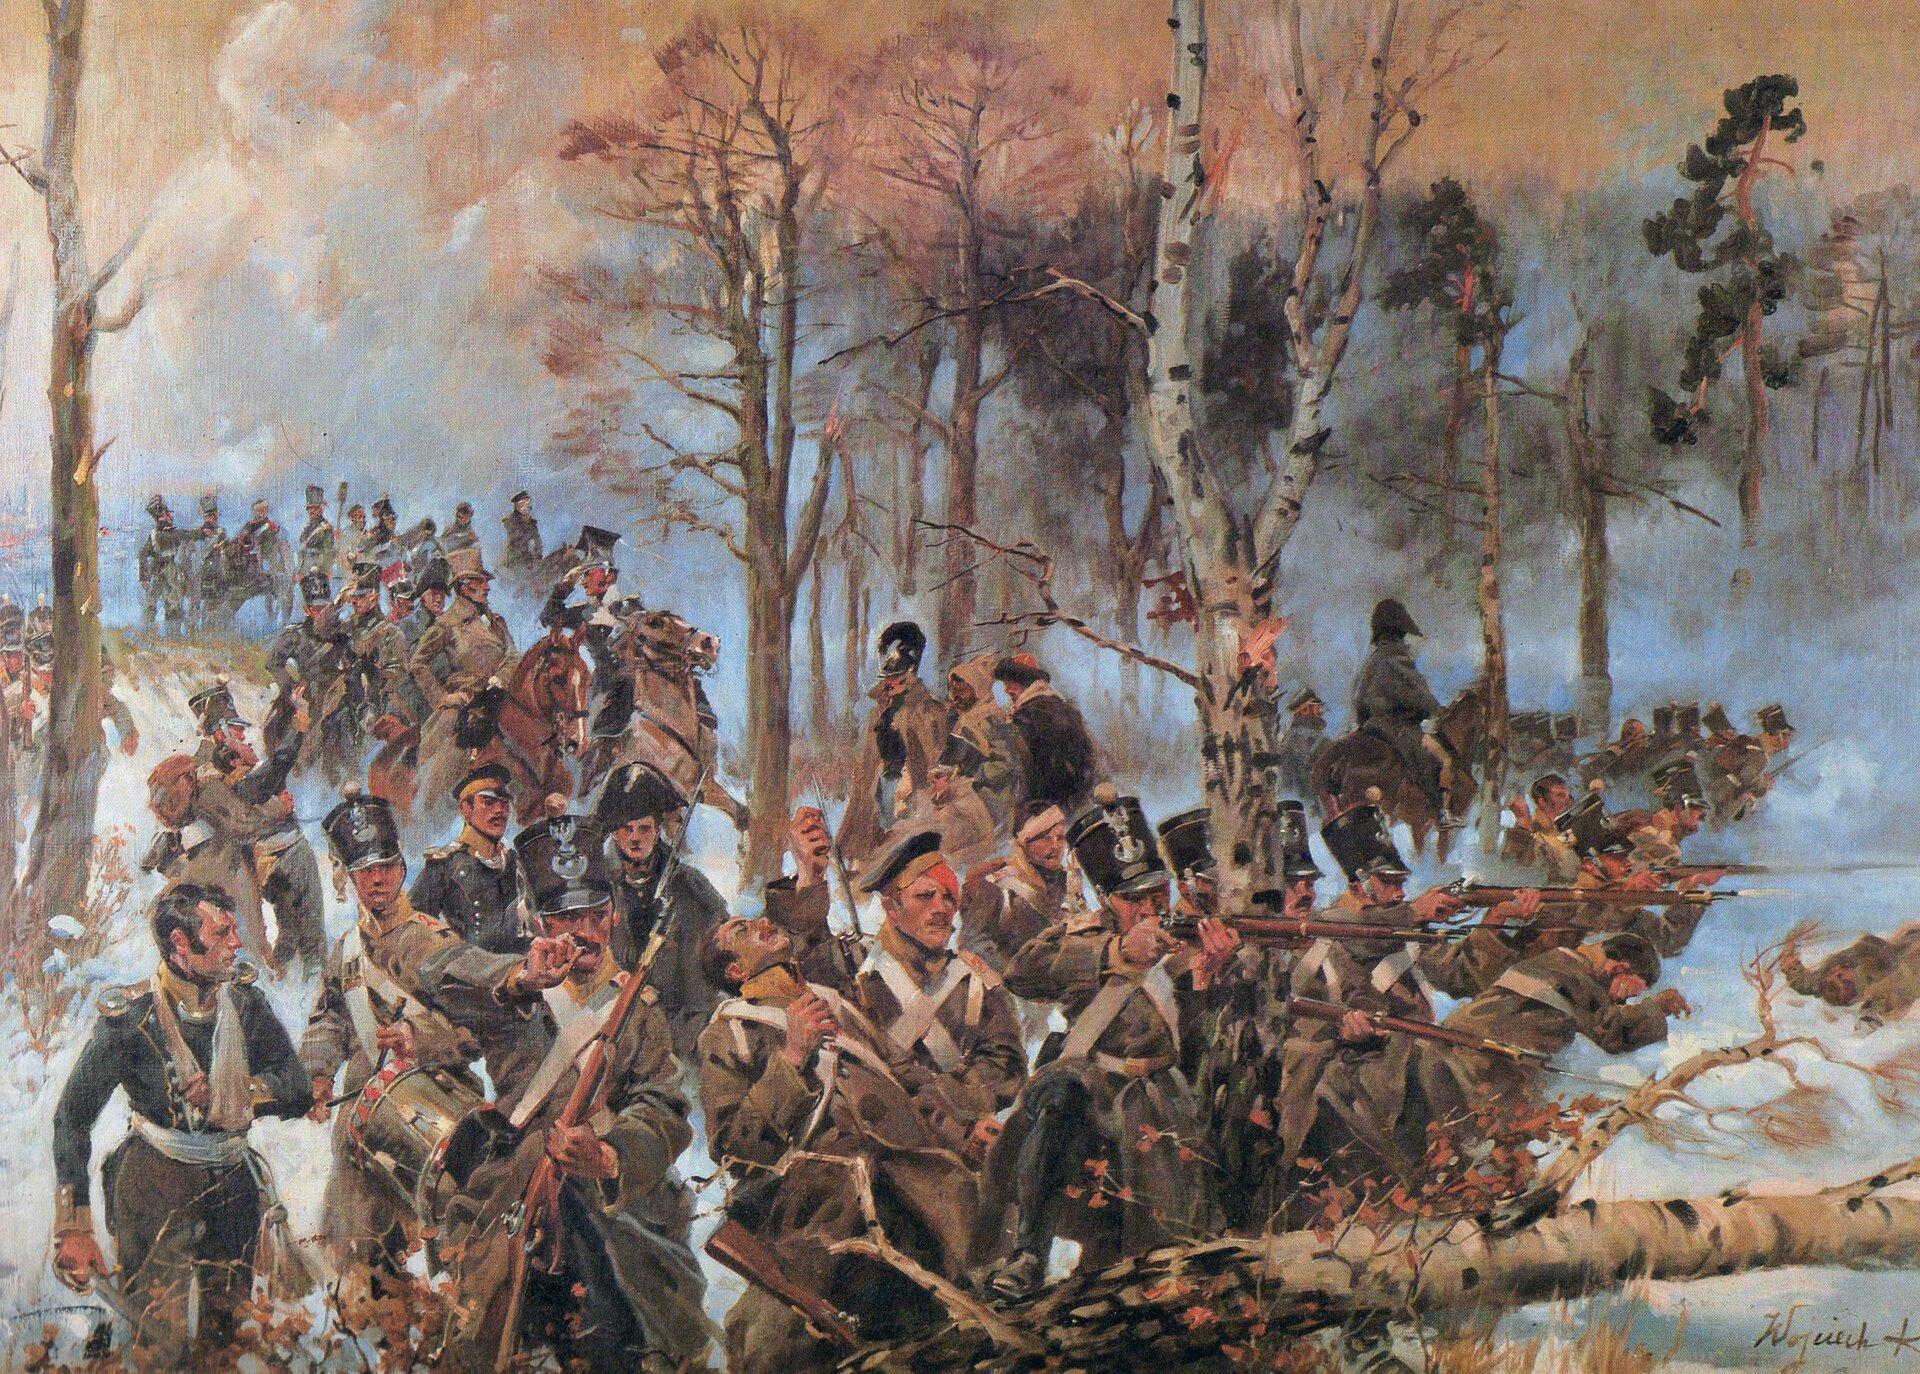 Olszynka Grochowska Bitwa pod Grochowem (25II 1831 r.) Źródło: Wojciech Kossak, Olszynka Grochowska, 1928, domena publiczna.